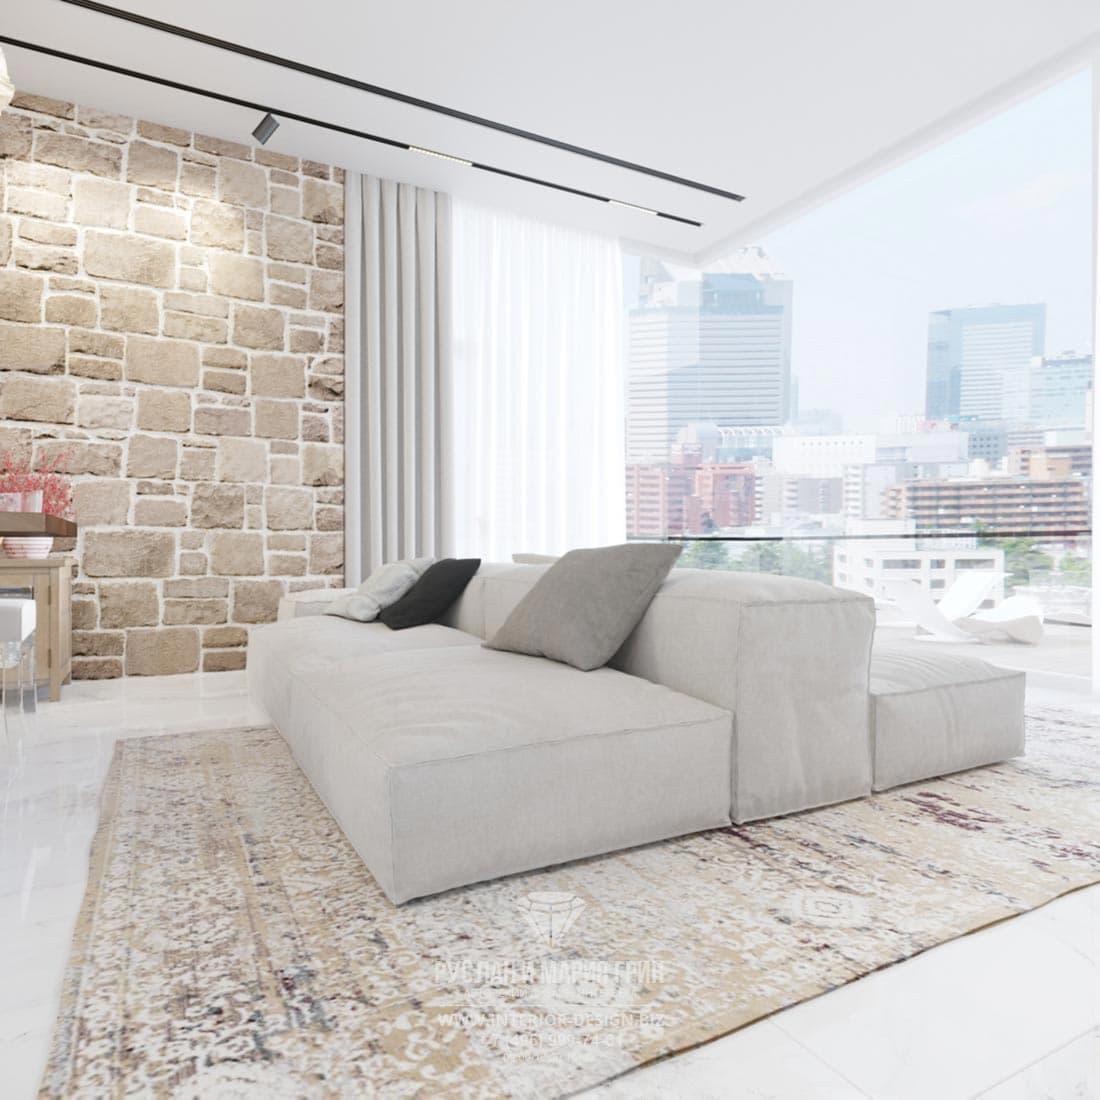 Интерьер квартиры с террасой в Тель-Авиве